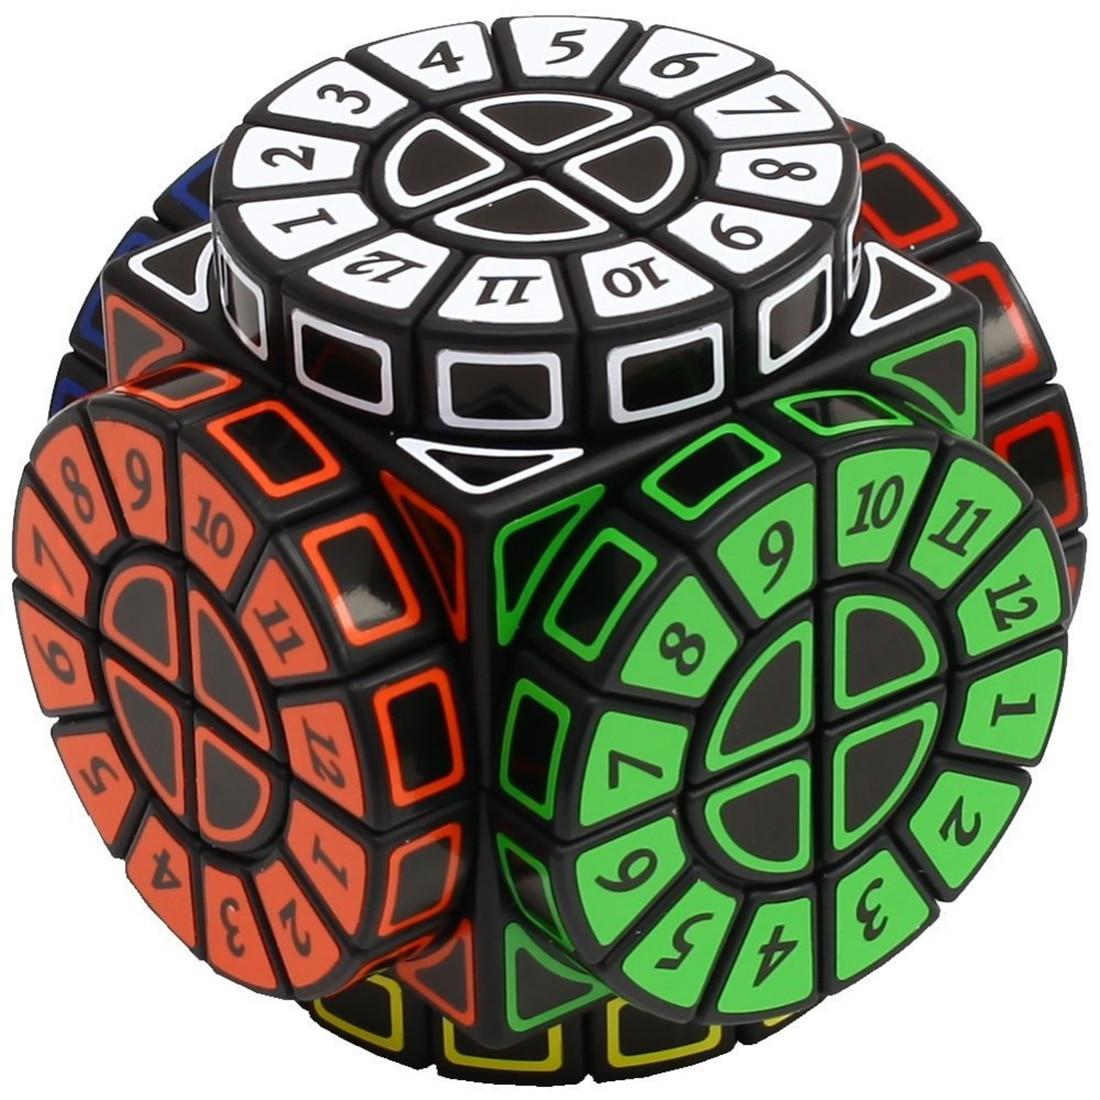 Time Machine магический куб творческие Сувенир издание игрушка-головоломка Cubo Magico с дополнительным наклейки X'mas идея подарка Brithday Подарок